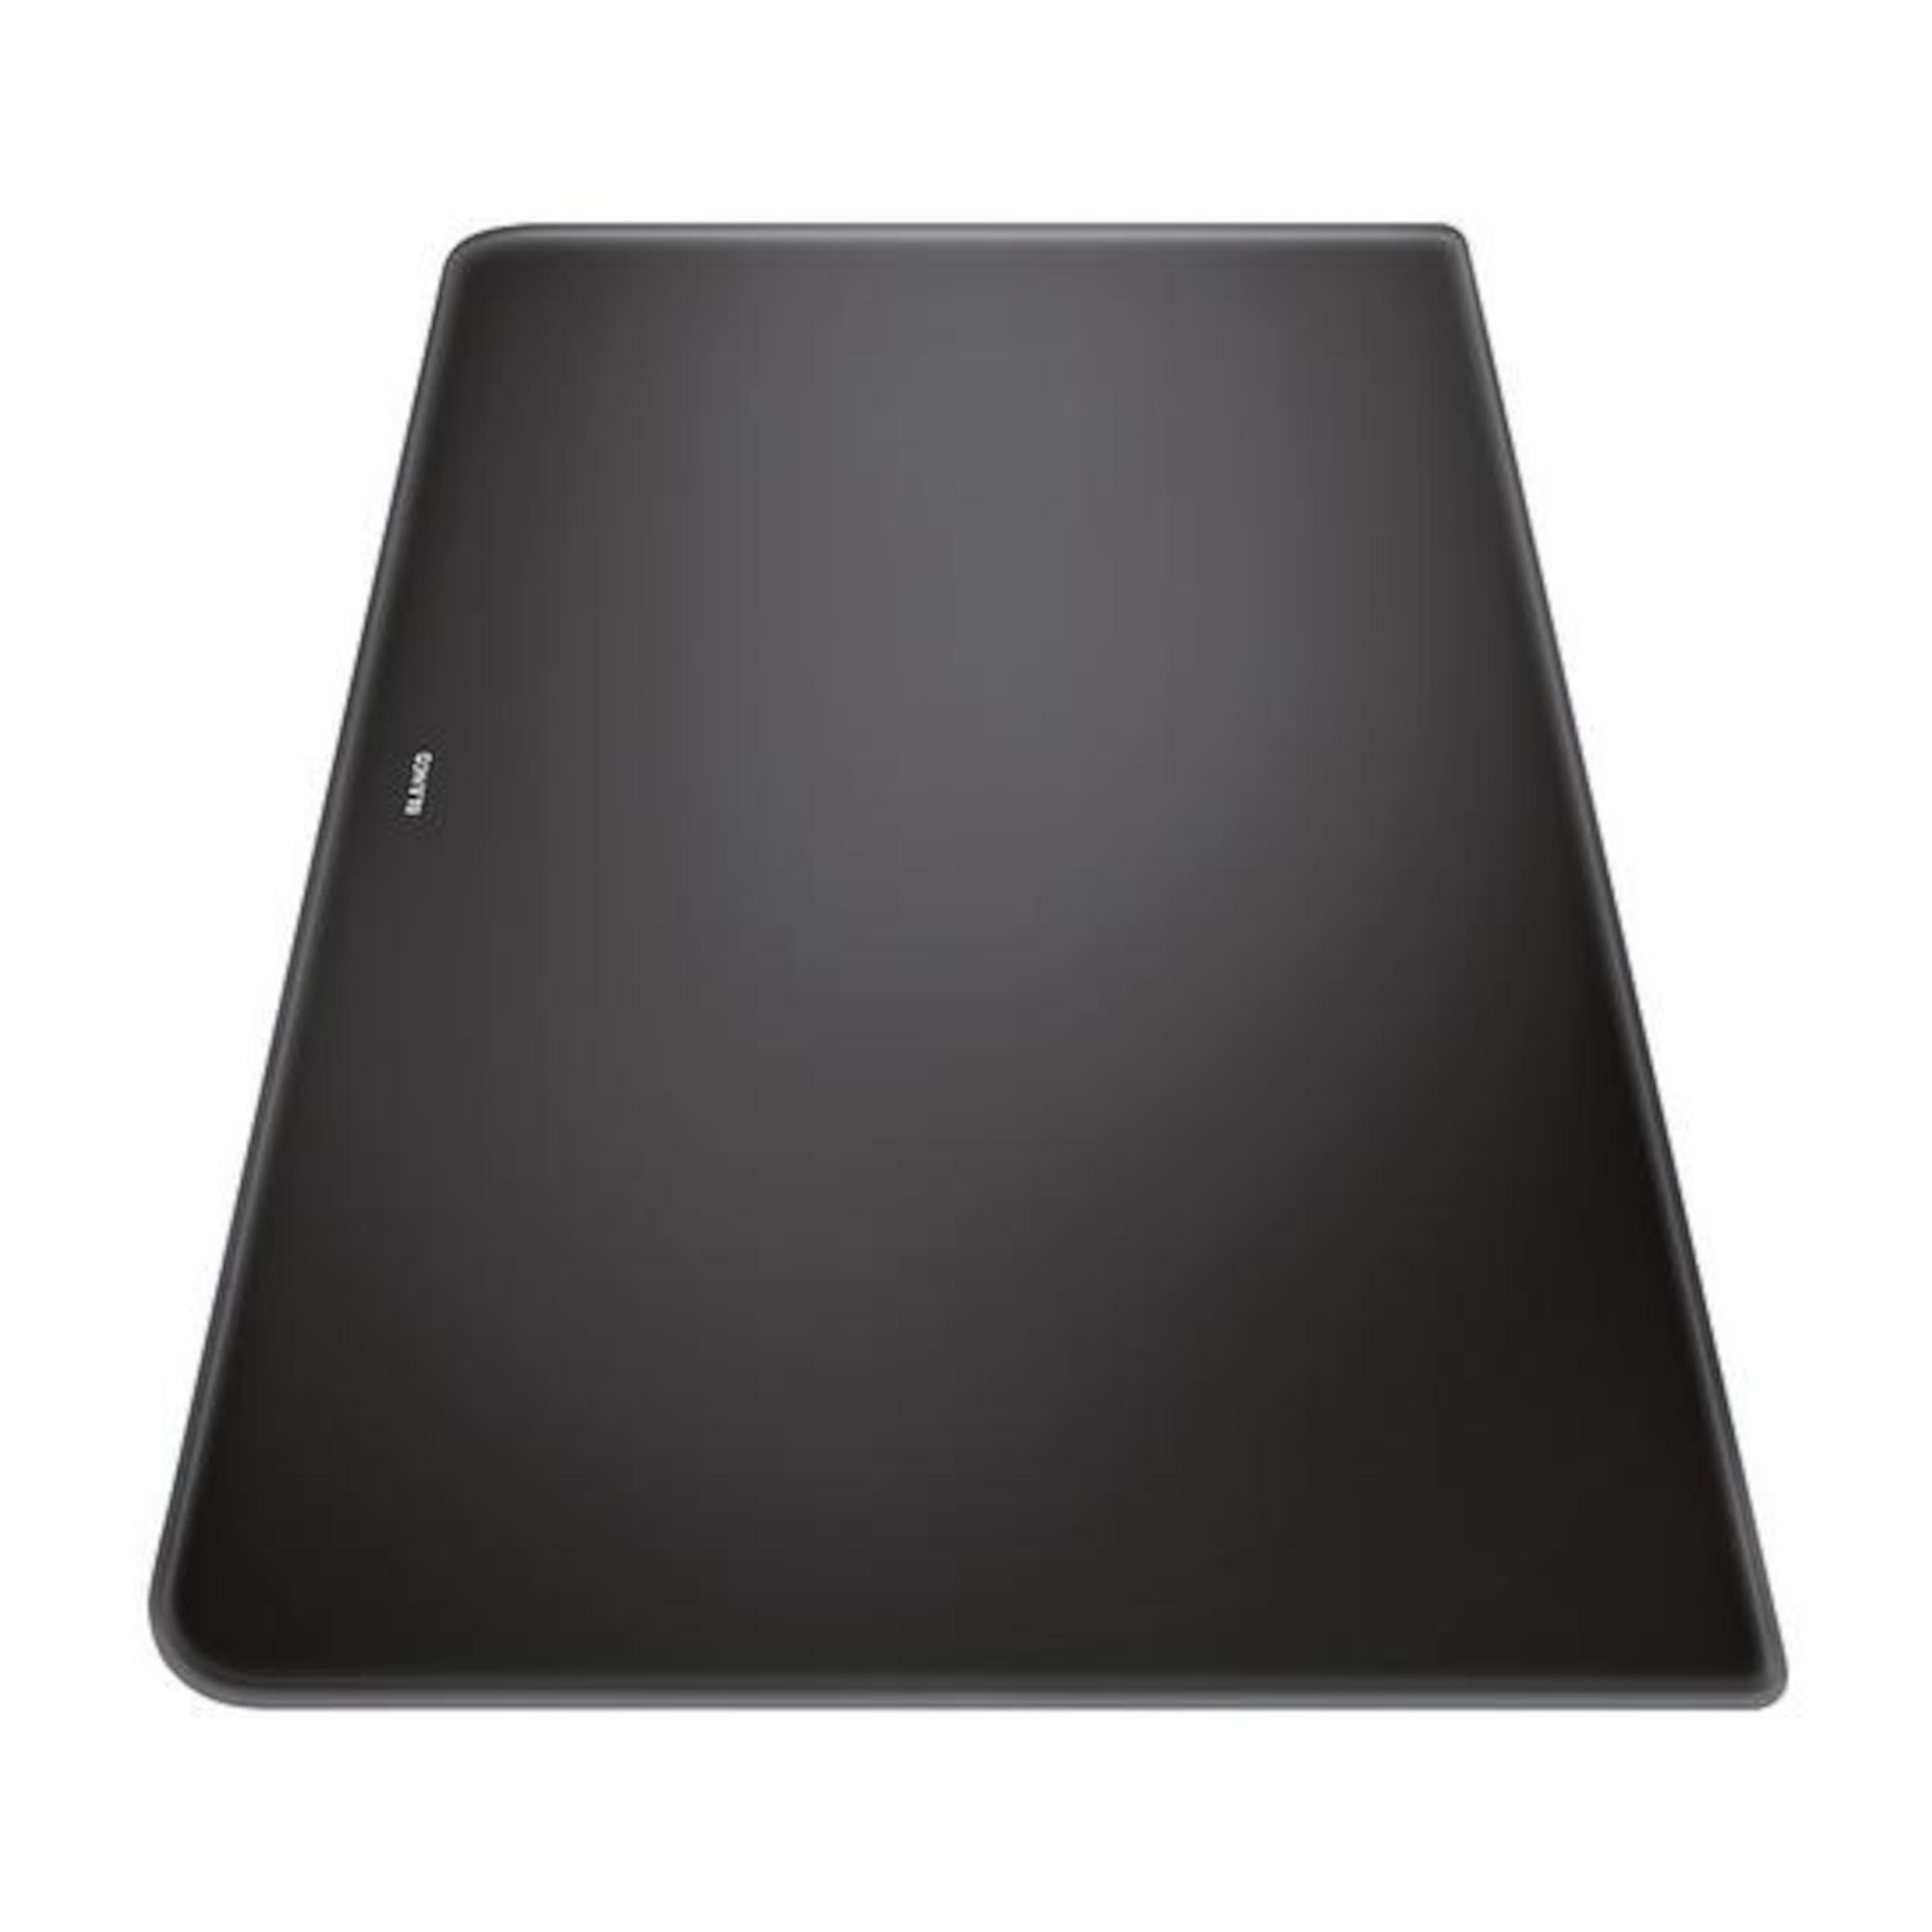 BLANCO Schneidbrett aus satiniertem Sicherheitsglas ALAROS schwarz 500 x 310 mm, 224525